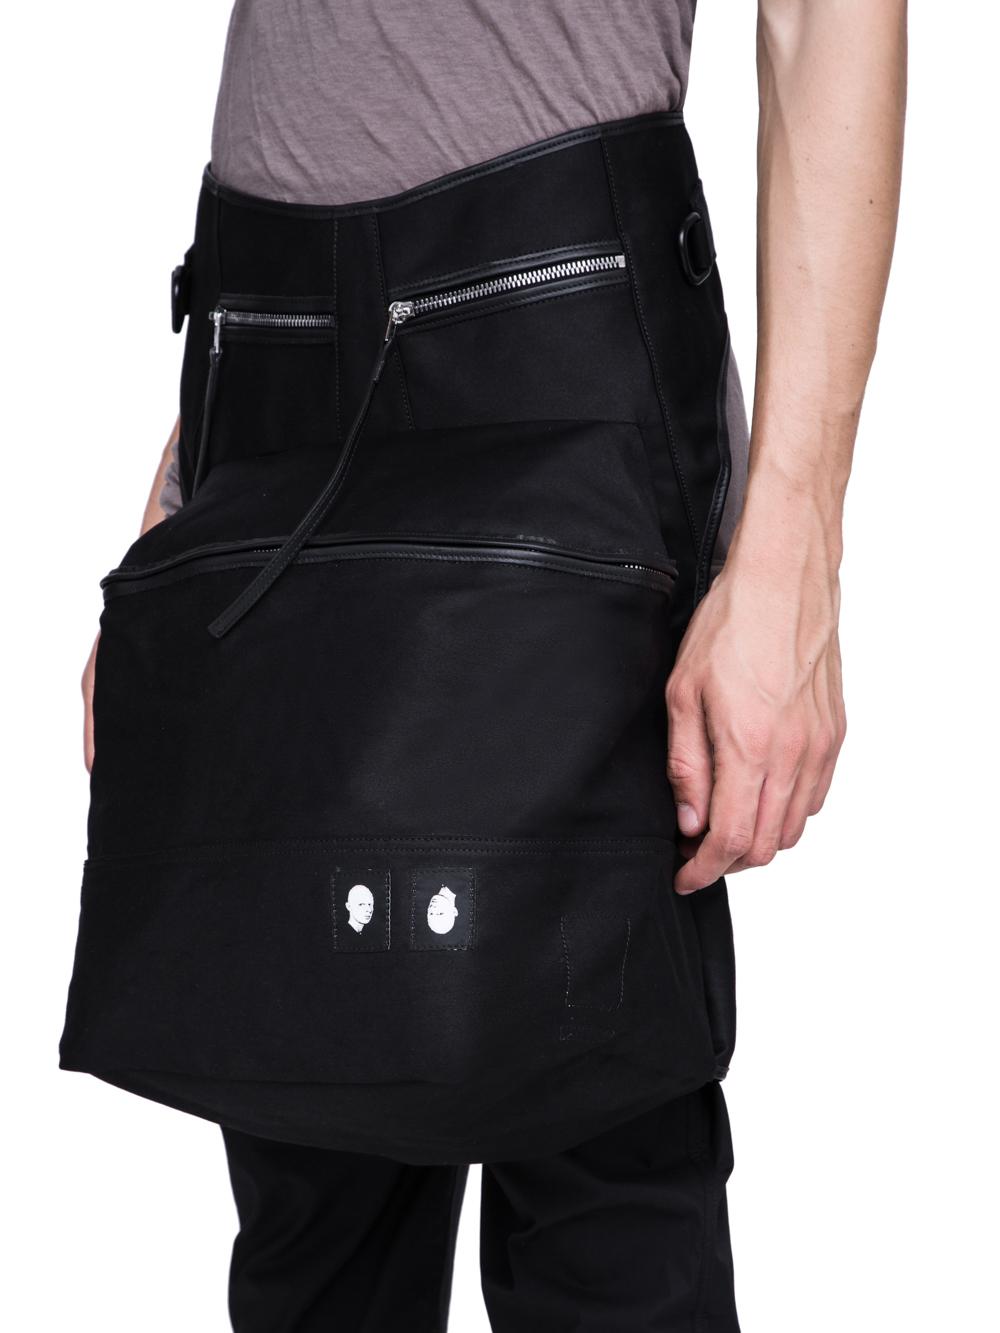 DRKSHDW FW18 SISYPHUS KANGAROO BAG IN BLACK